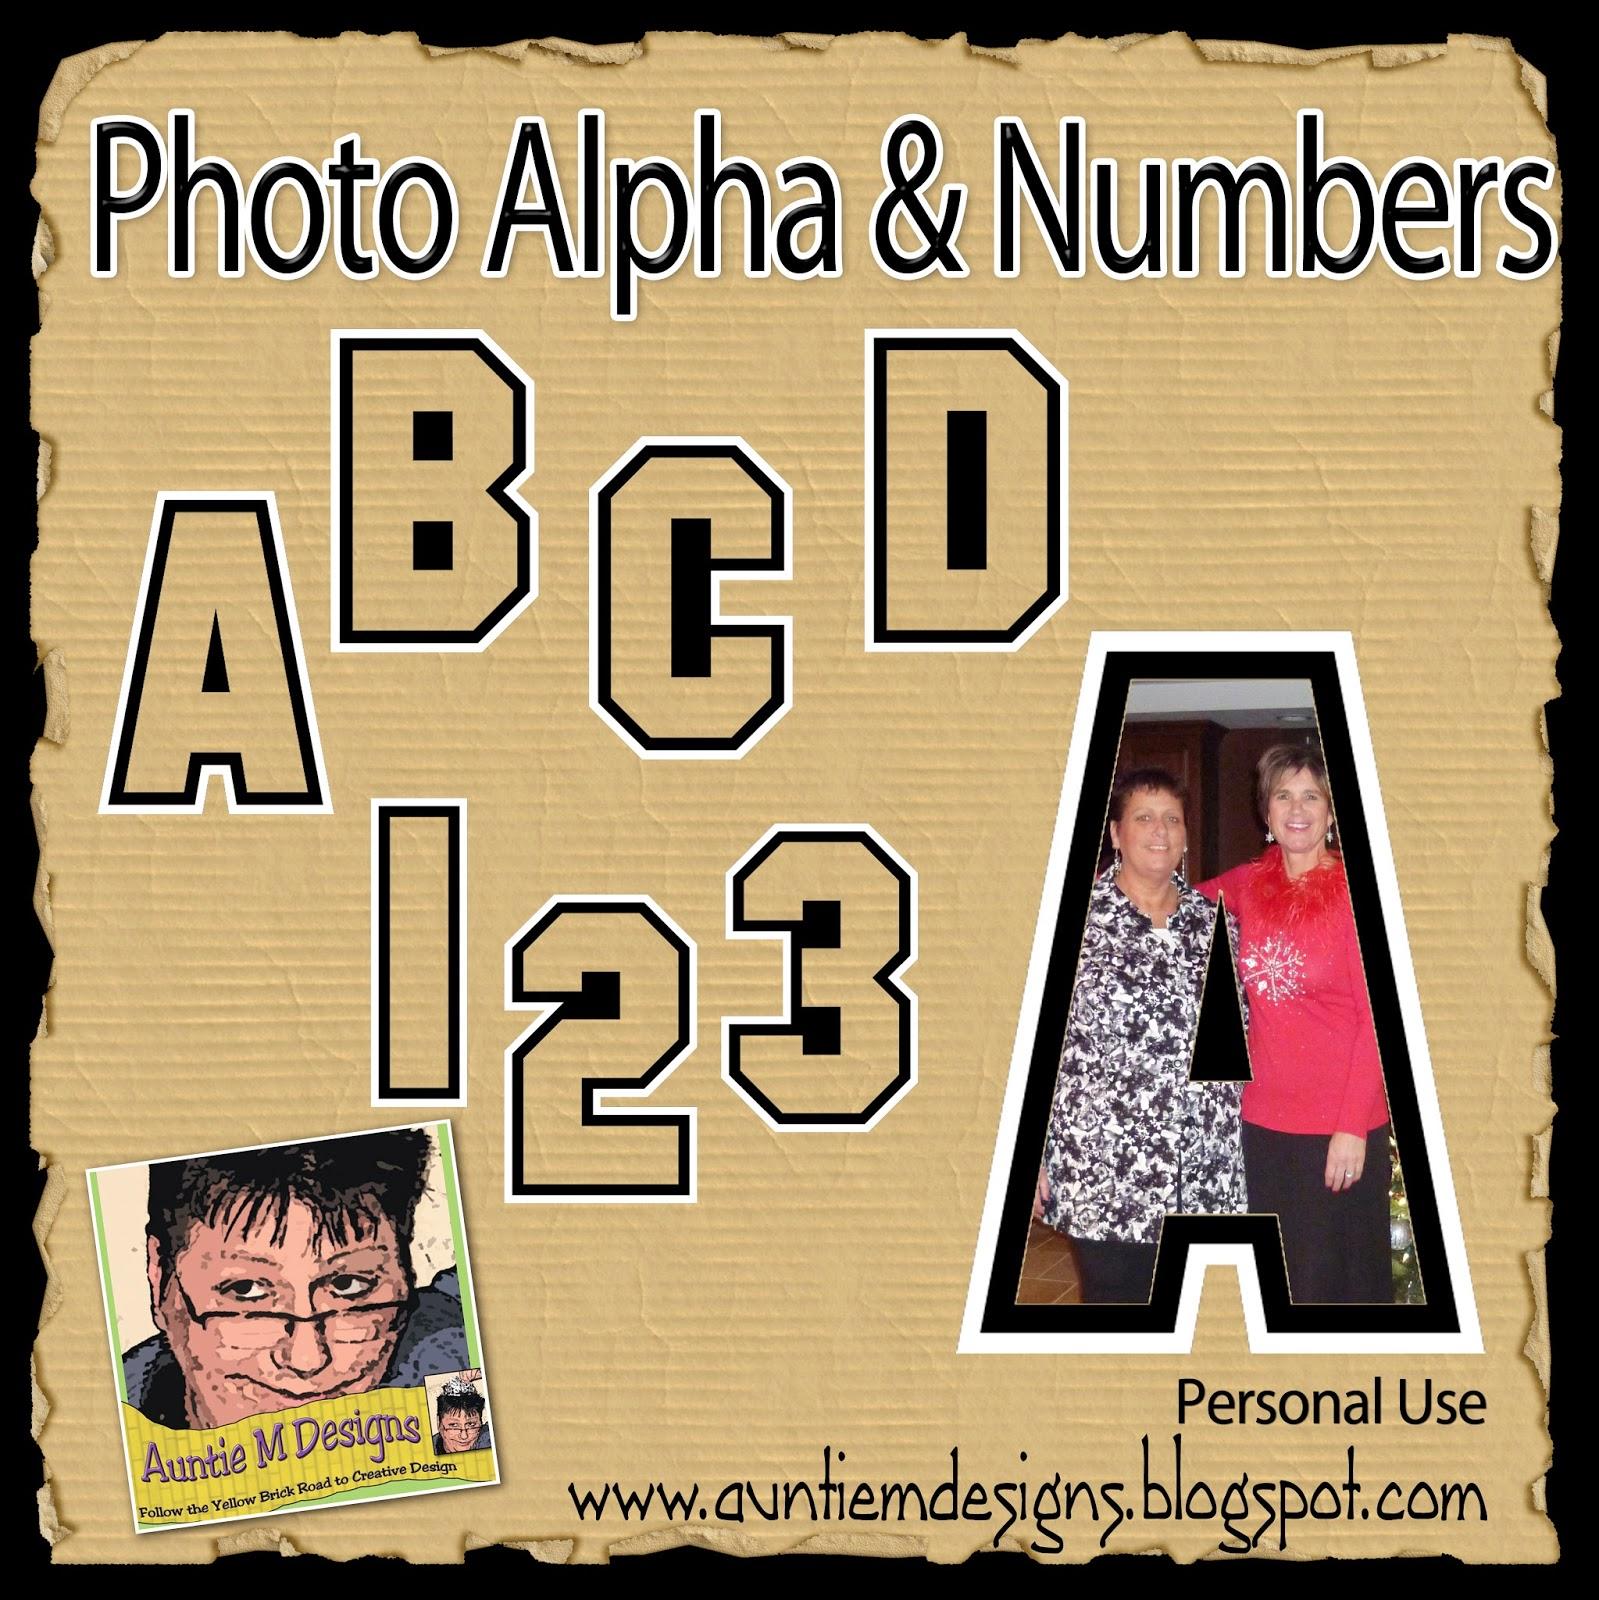 http://4.bp.blogspot.com/-uosk4cyNAQI/U5dmJPgq4JI/AAAAAAAAGxU/0E8sWdnyg0w/s1600/preview+600.jpg